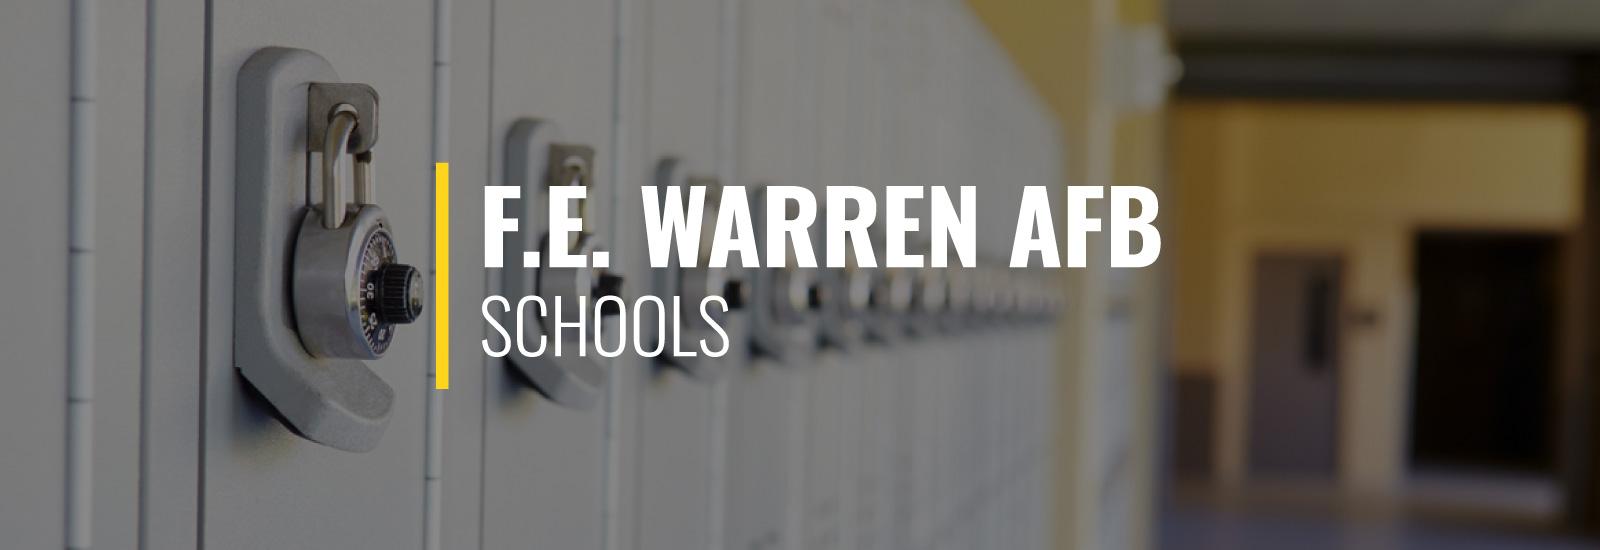 F. E. Warren AFB Schools